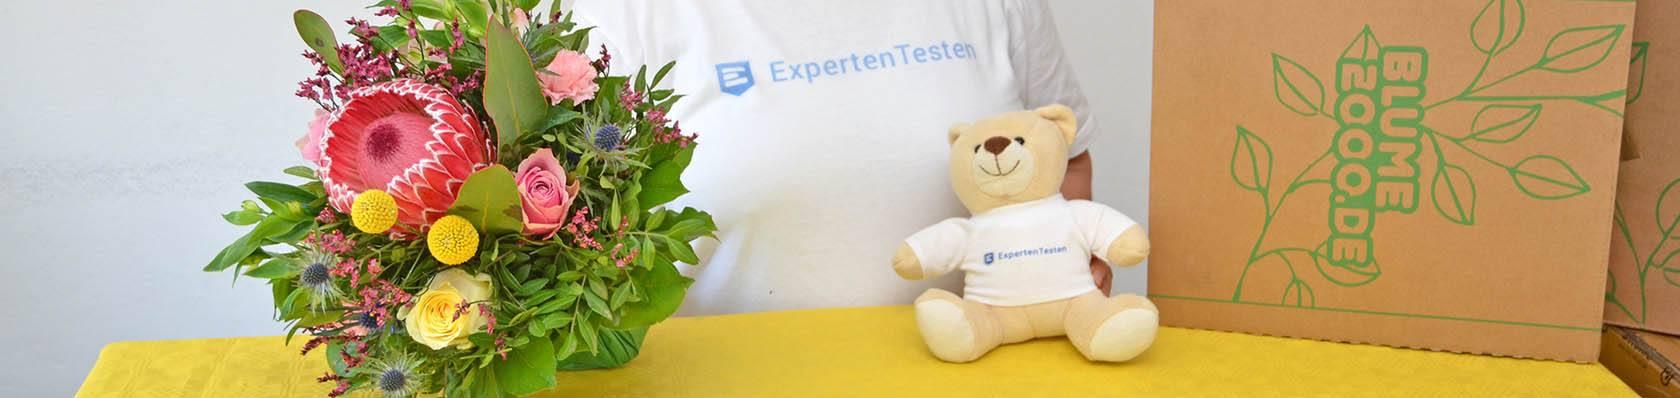 Blumenversände im Test auf ExpertenTesten.de